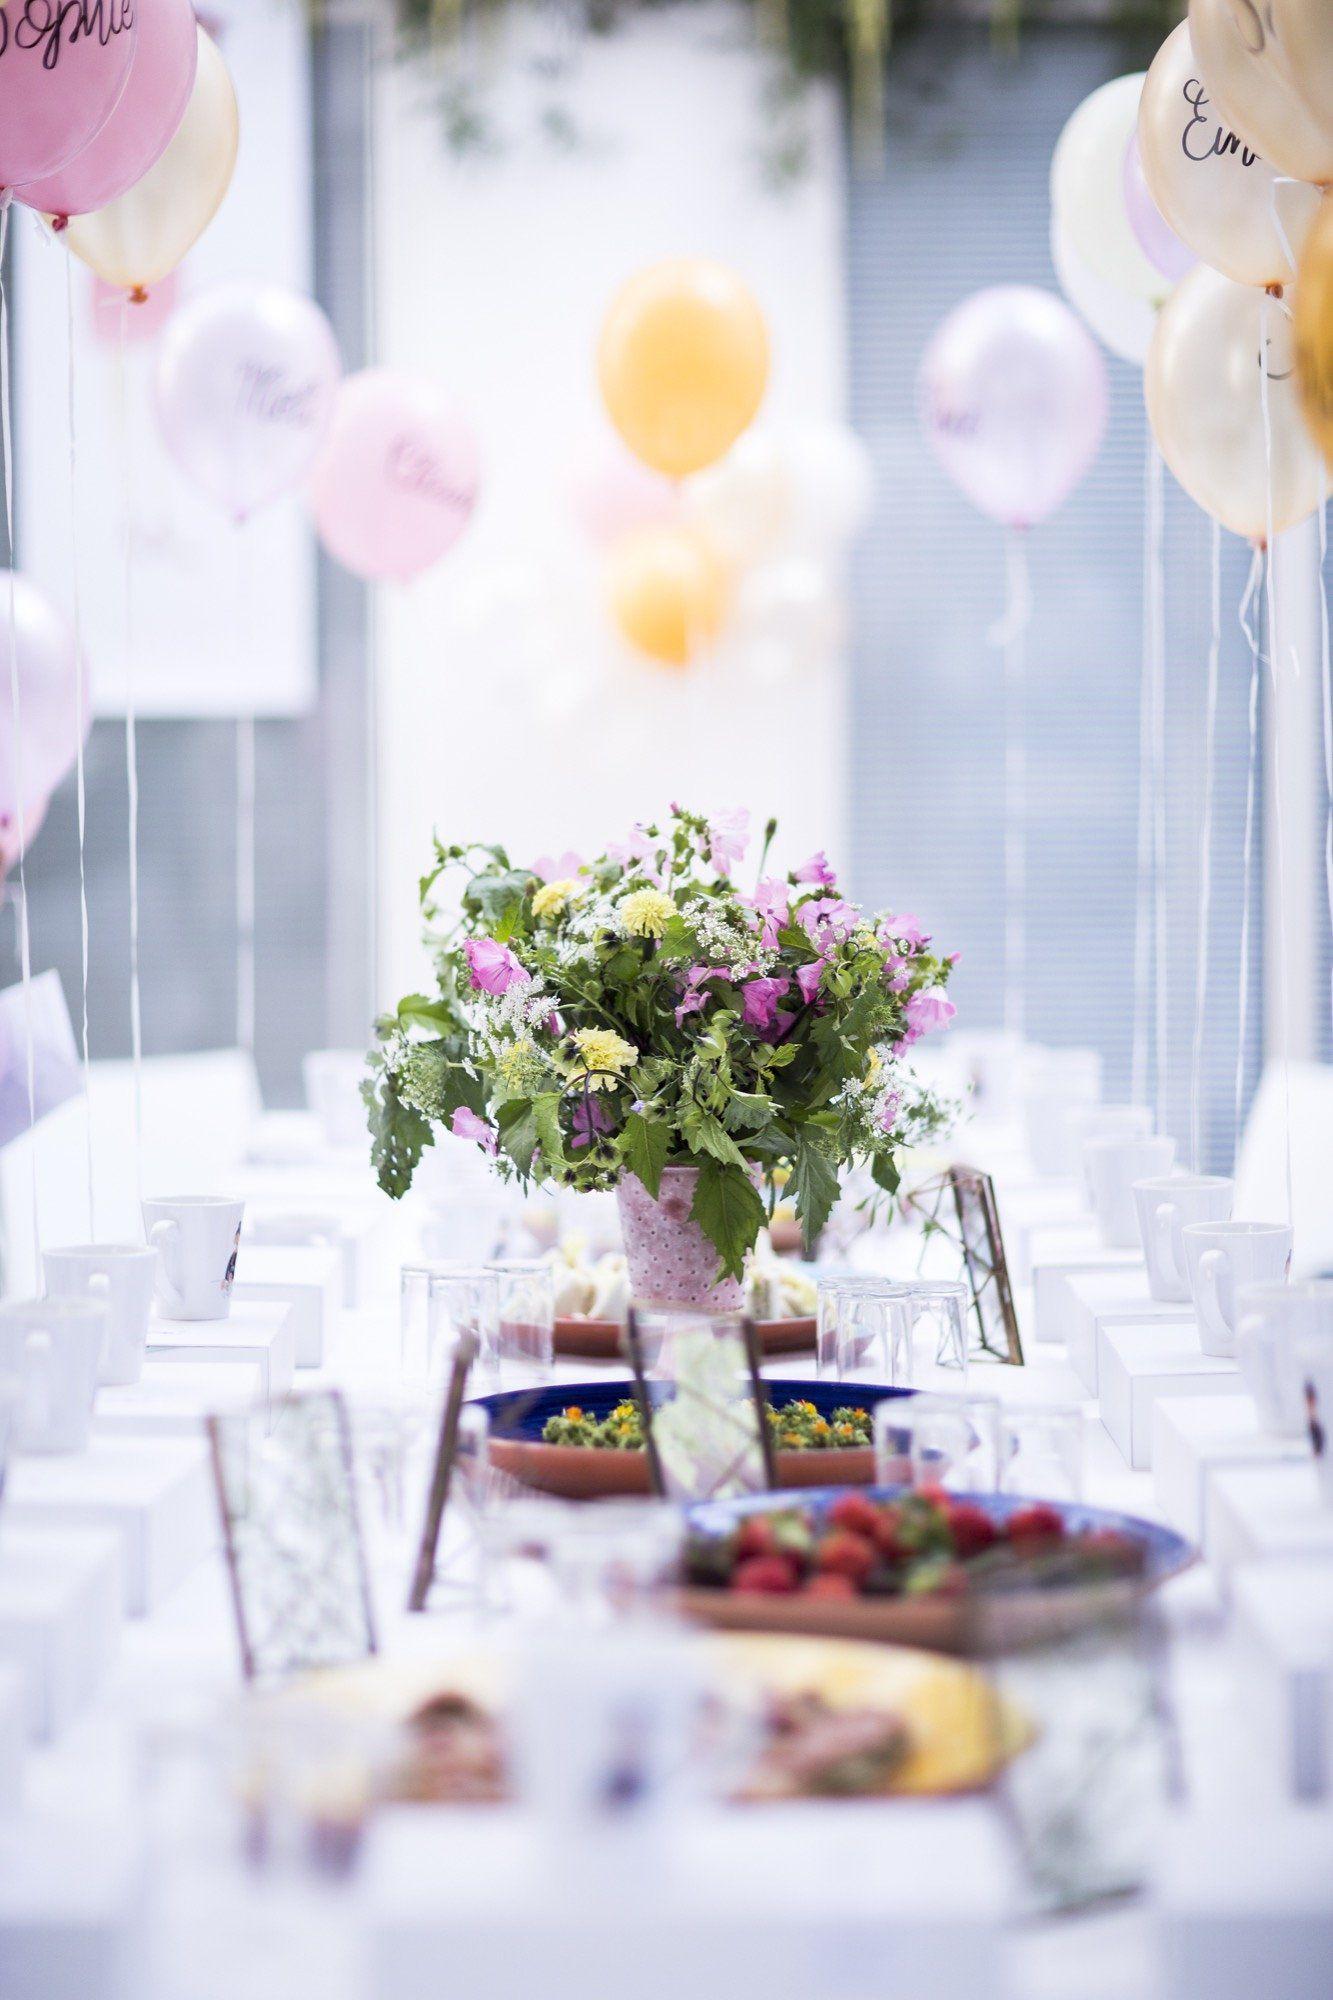 Susse Tischdekoration In Pastell Farben Bunter Blumenstrauss Und